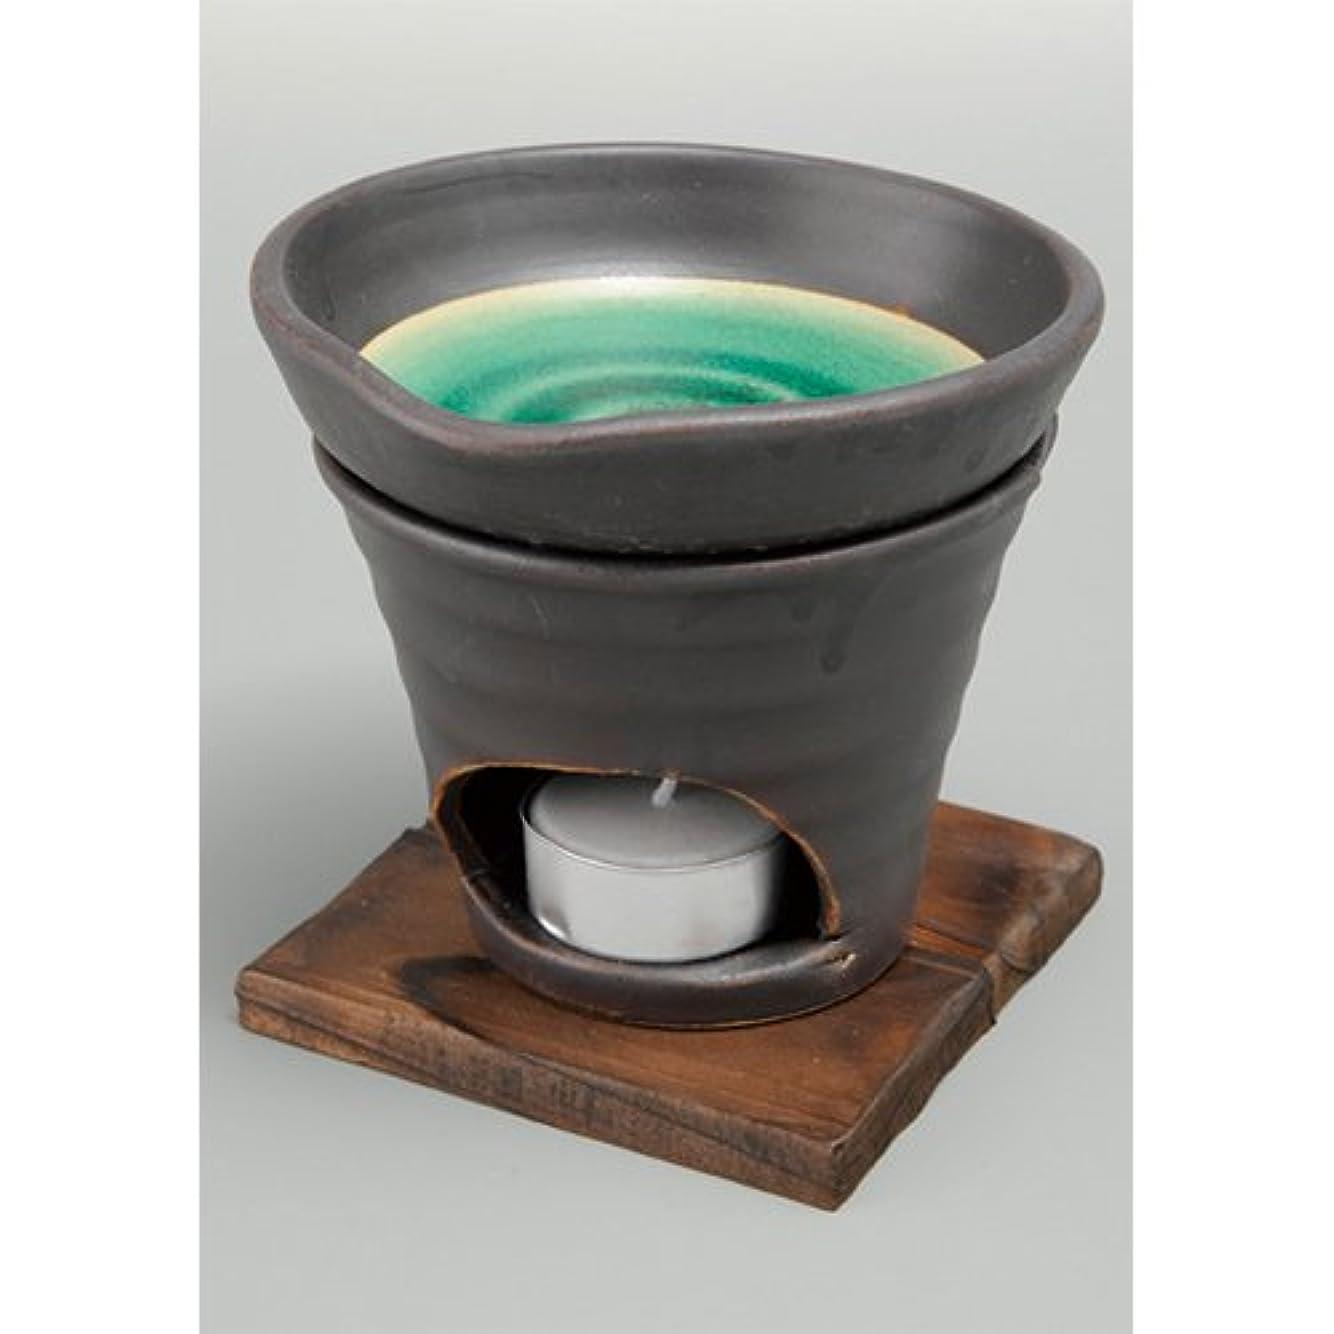 ほめるオリエンテーションスティーブンソン香炉 黒釉 茶香炉(緑) [R11.8xH11.5cm] HANDMADE プレゼント ギフト 和食器 かわいい インテリア